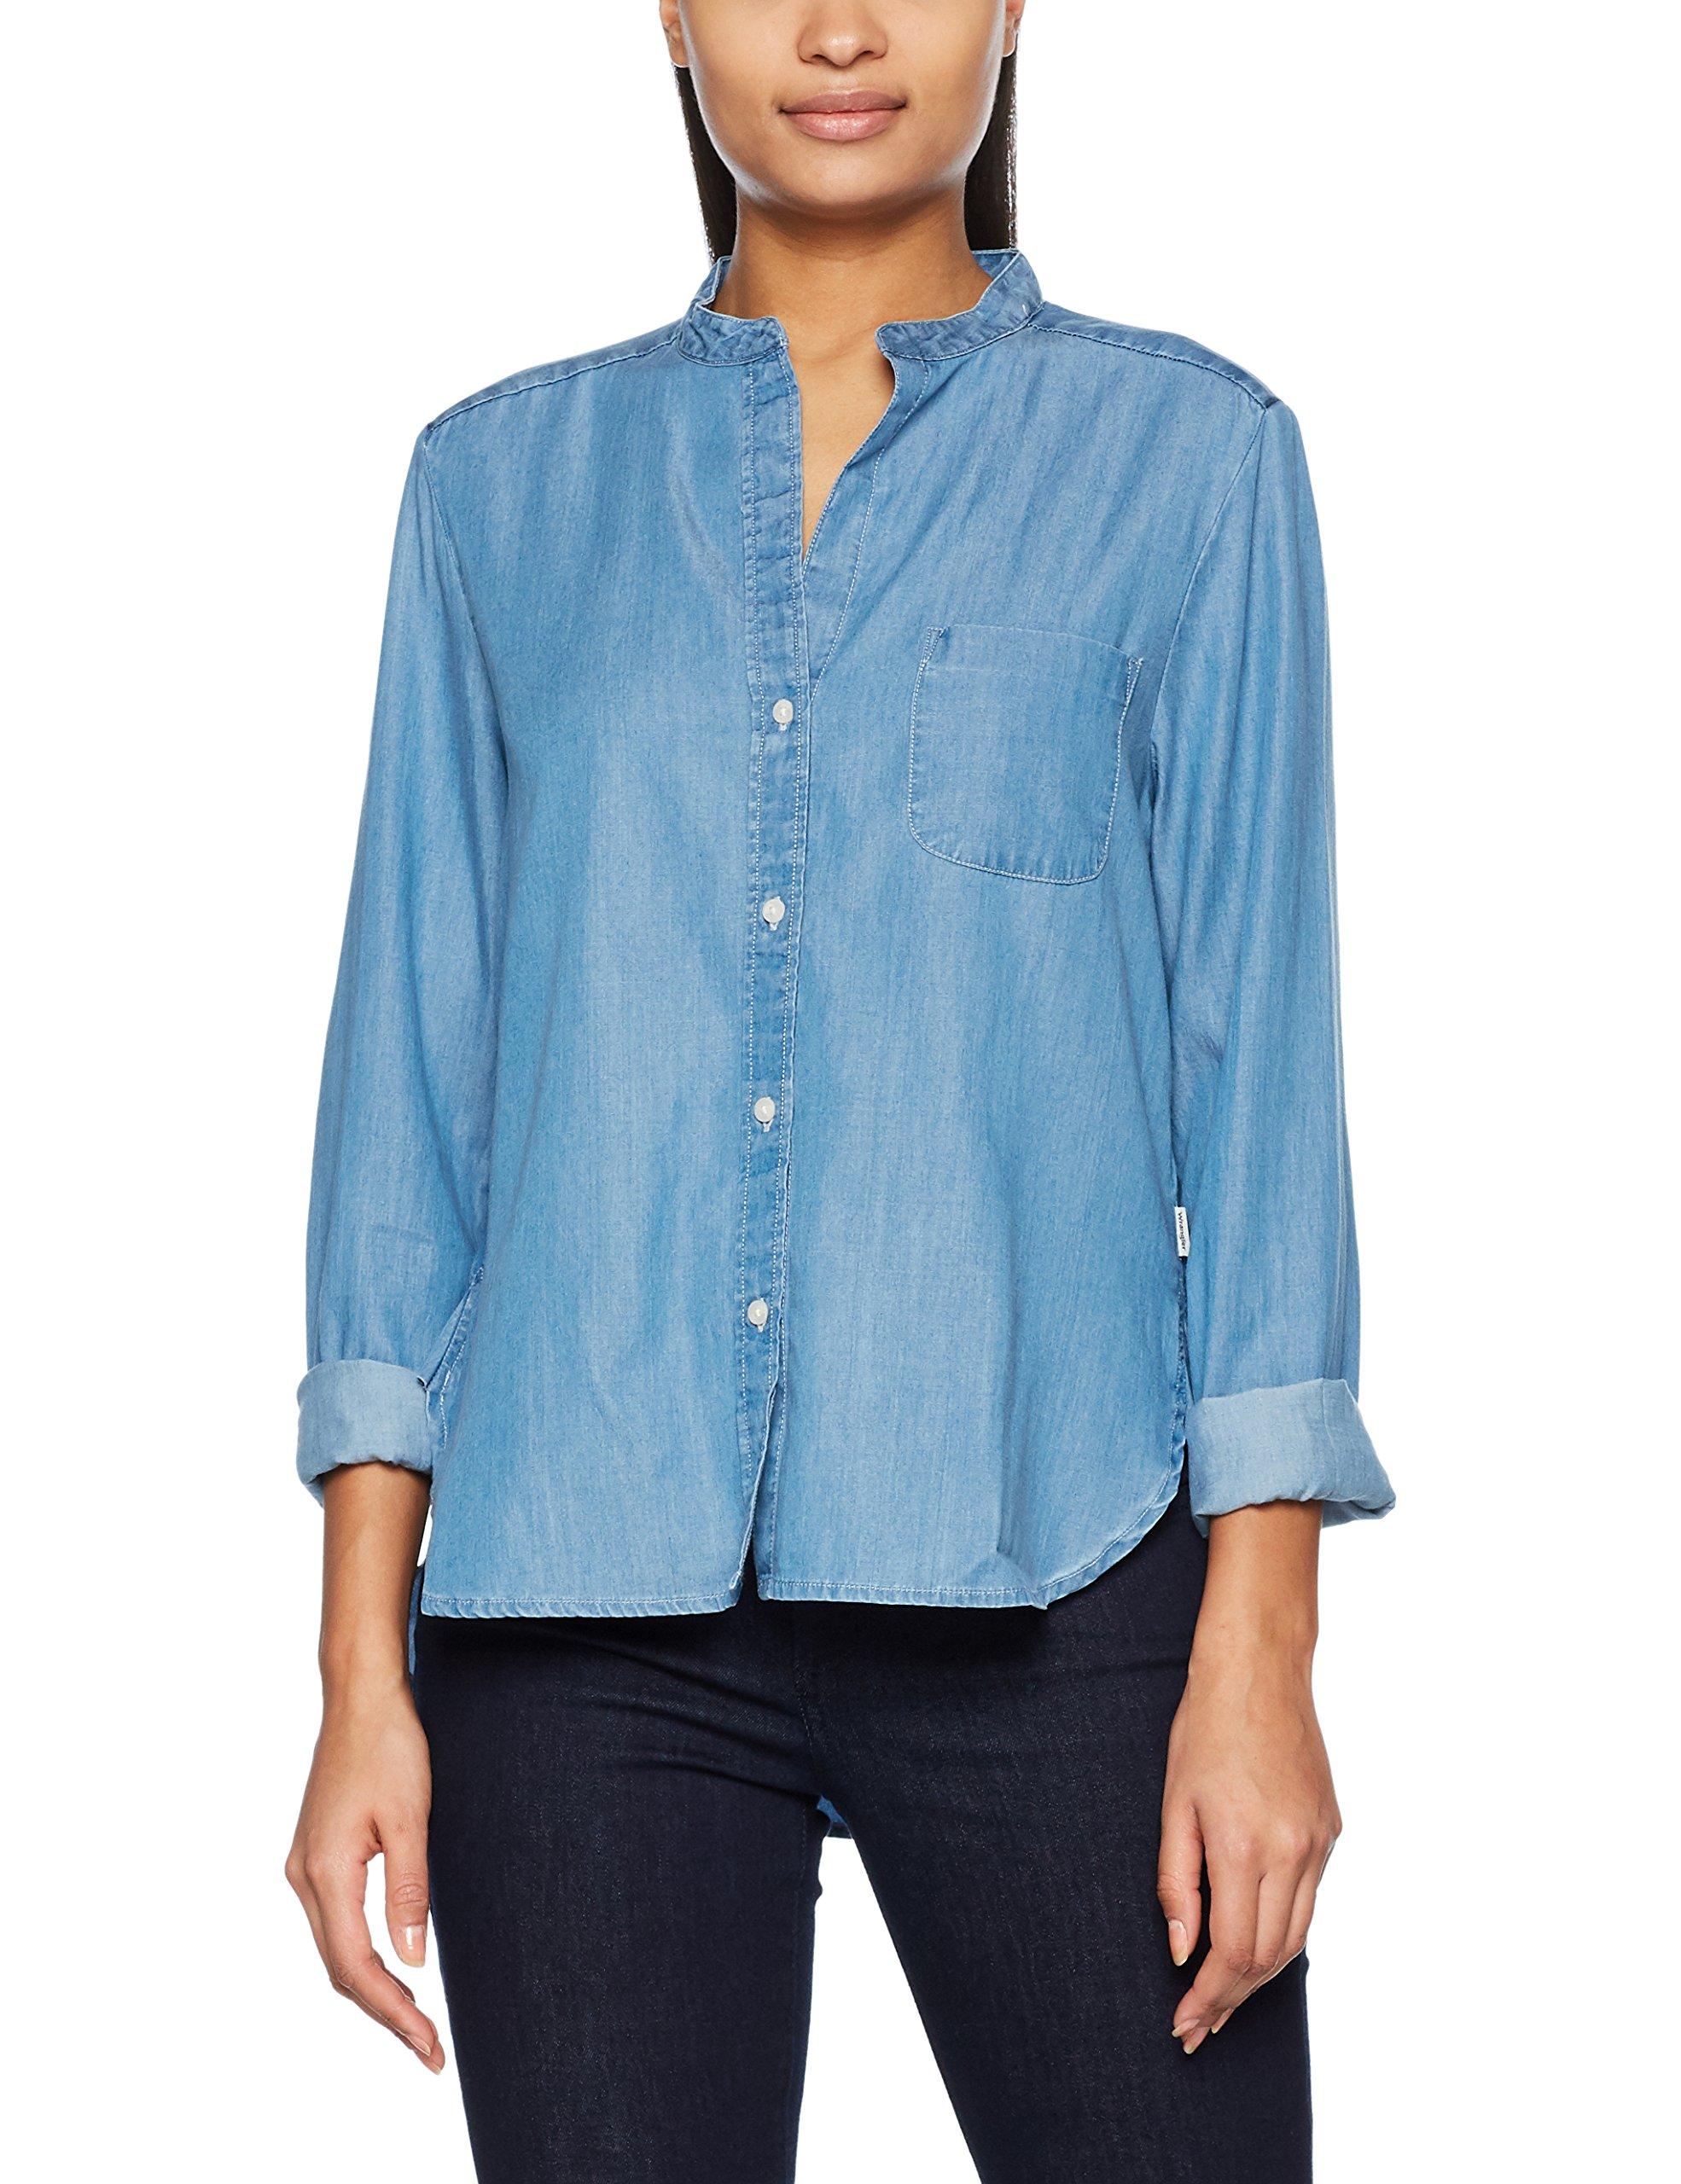 large 4eX Indigo Tencel FemmeBleulight Blouse Wrangler Shirt QWdxeBorC